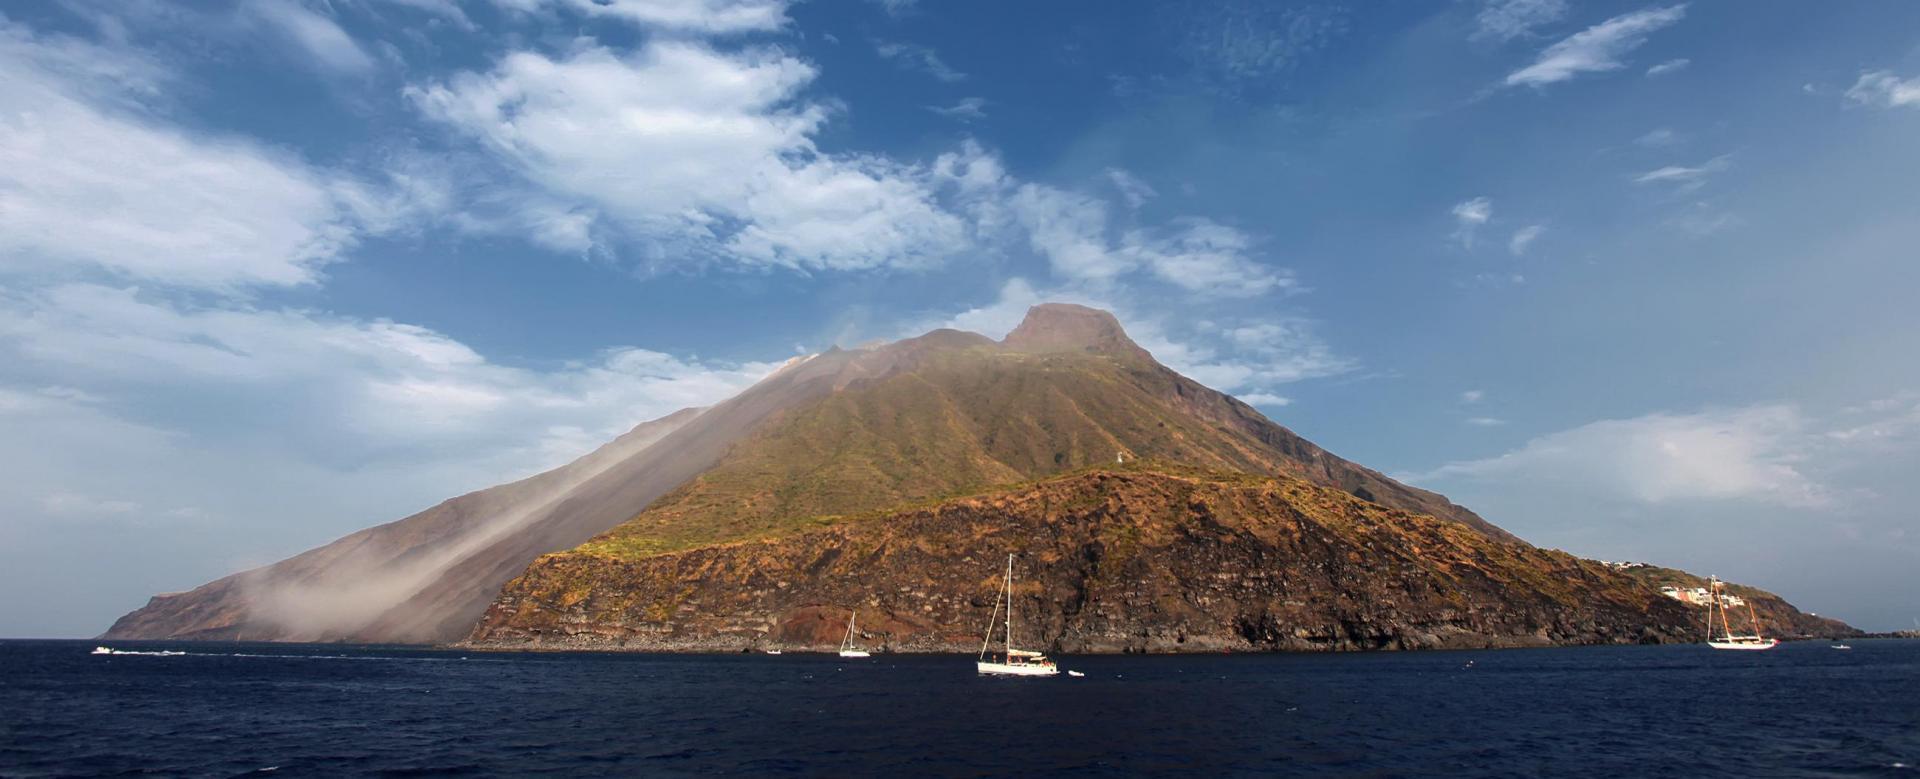 Voyage à pied : Les flammes de vulcain